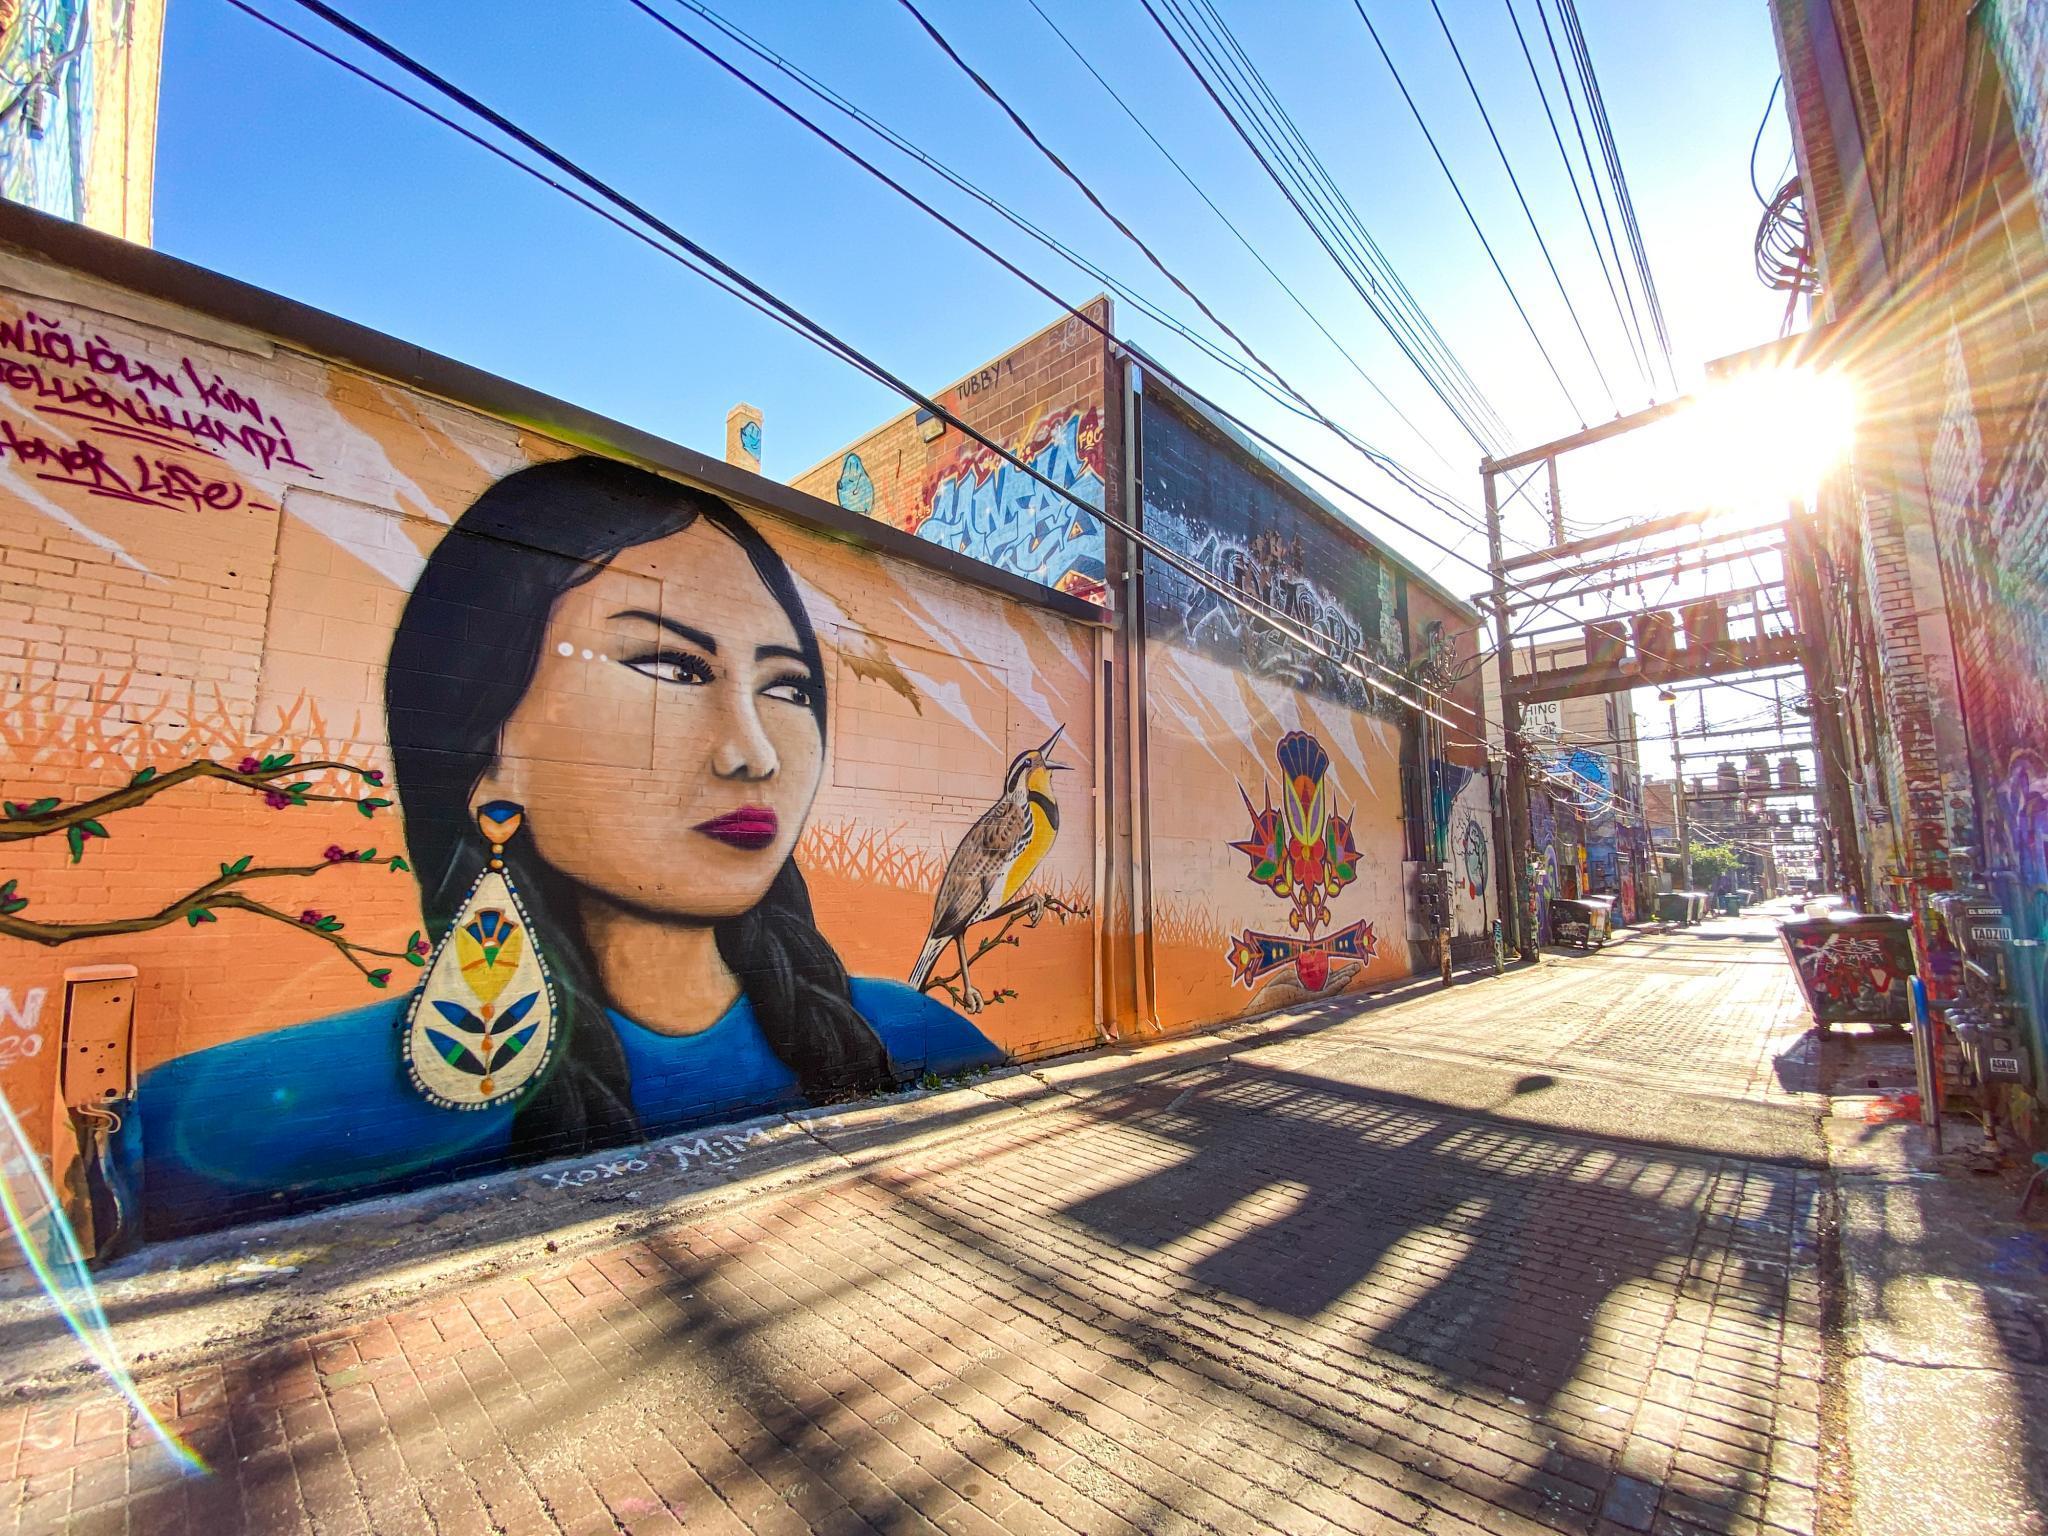 Rapid City Public Art